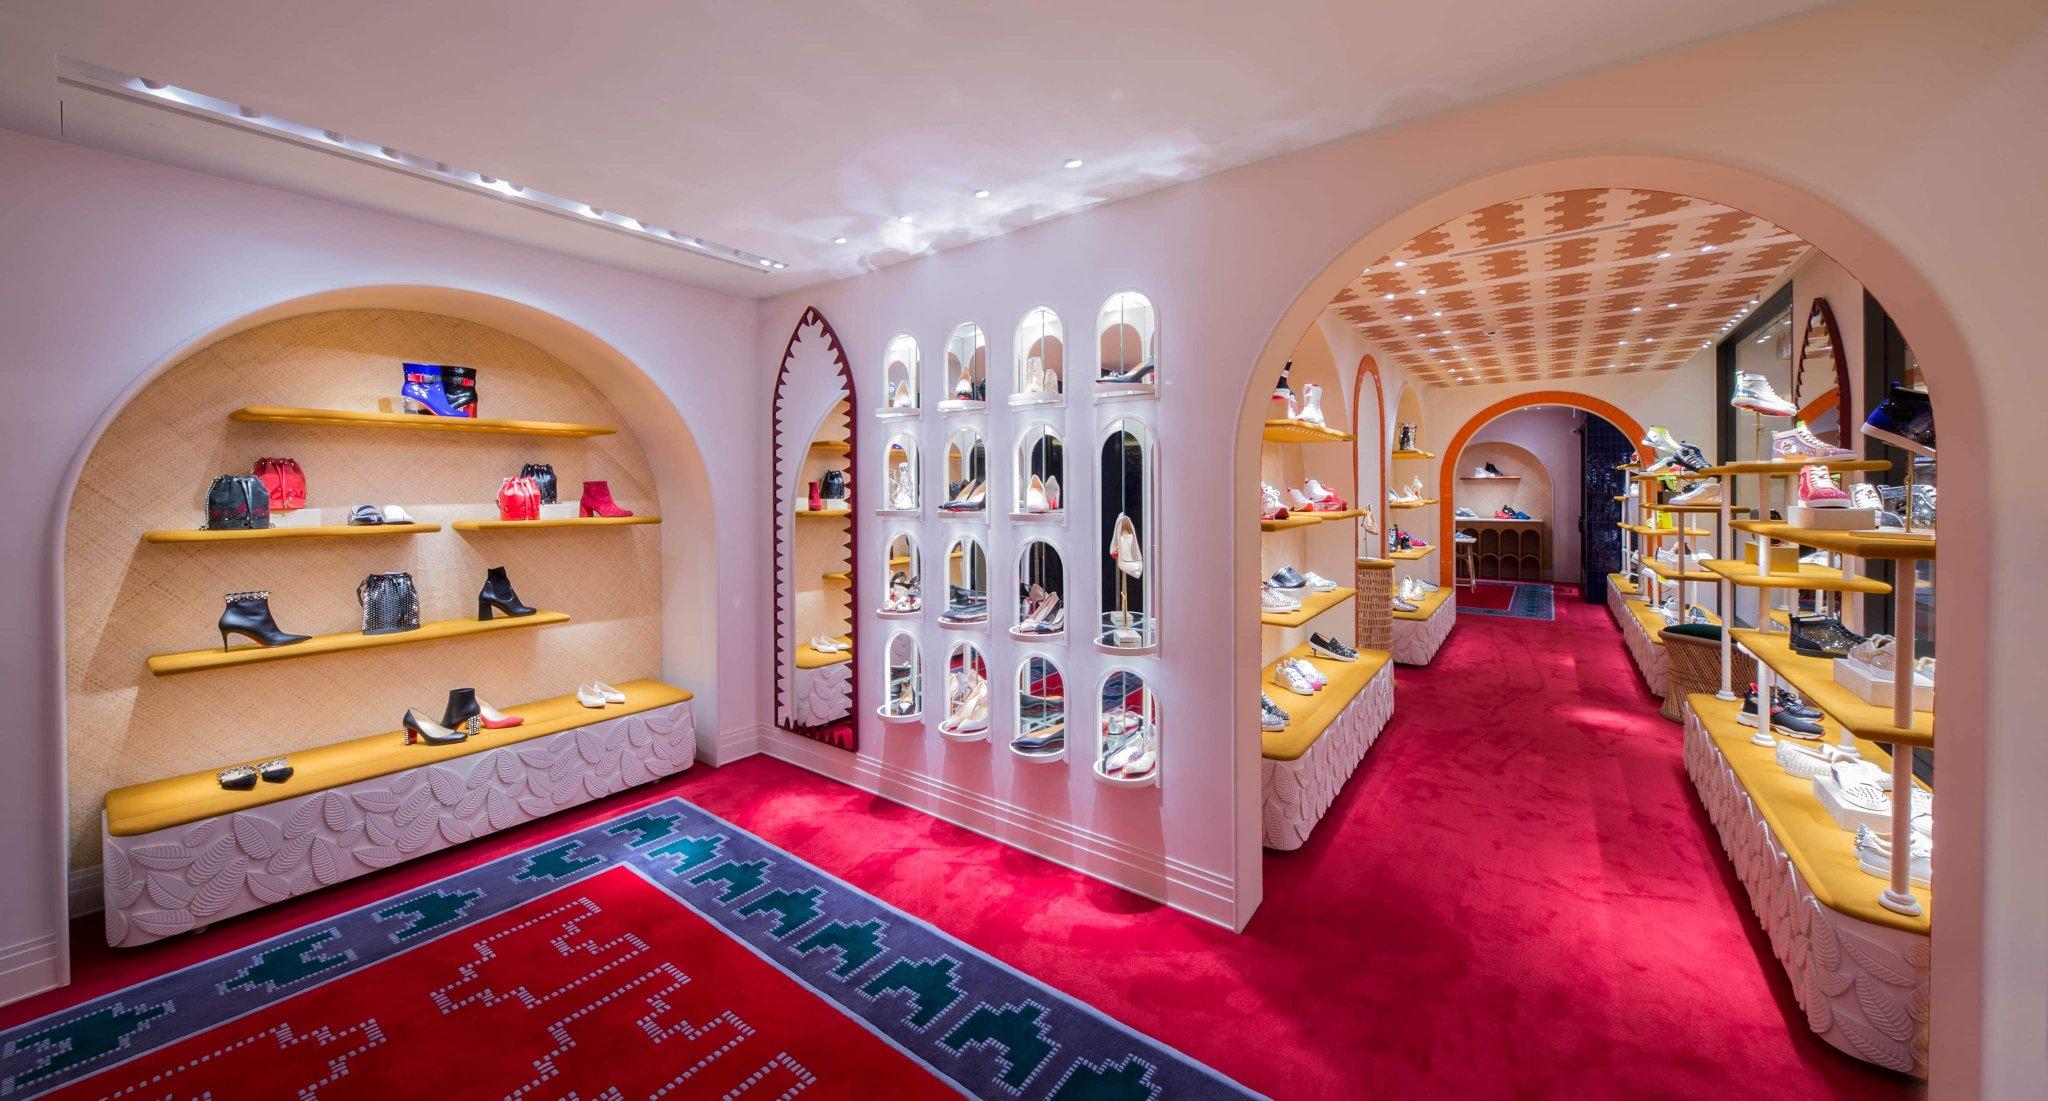 Christian Louboutin store in Hong Kong